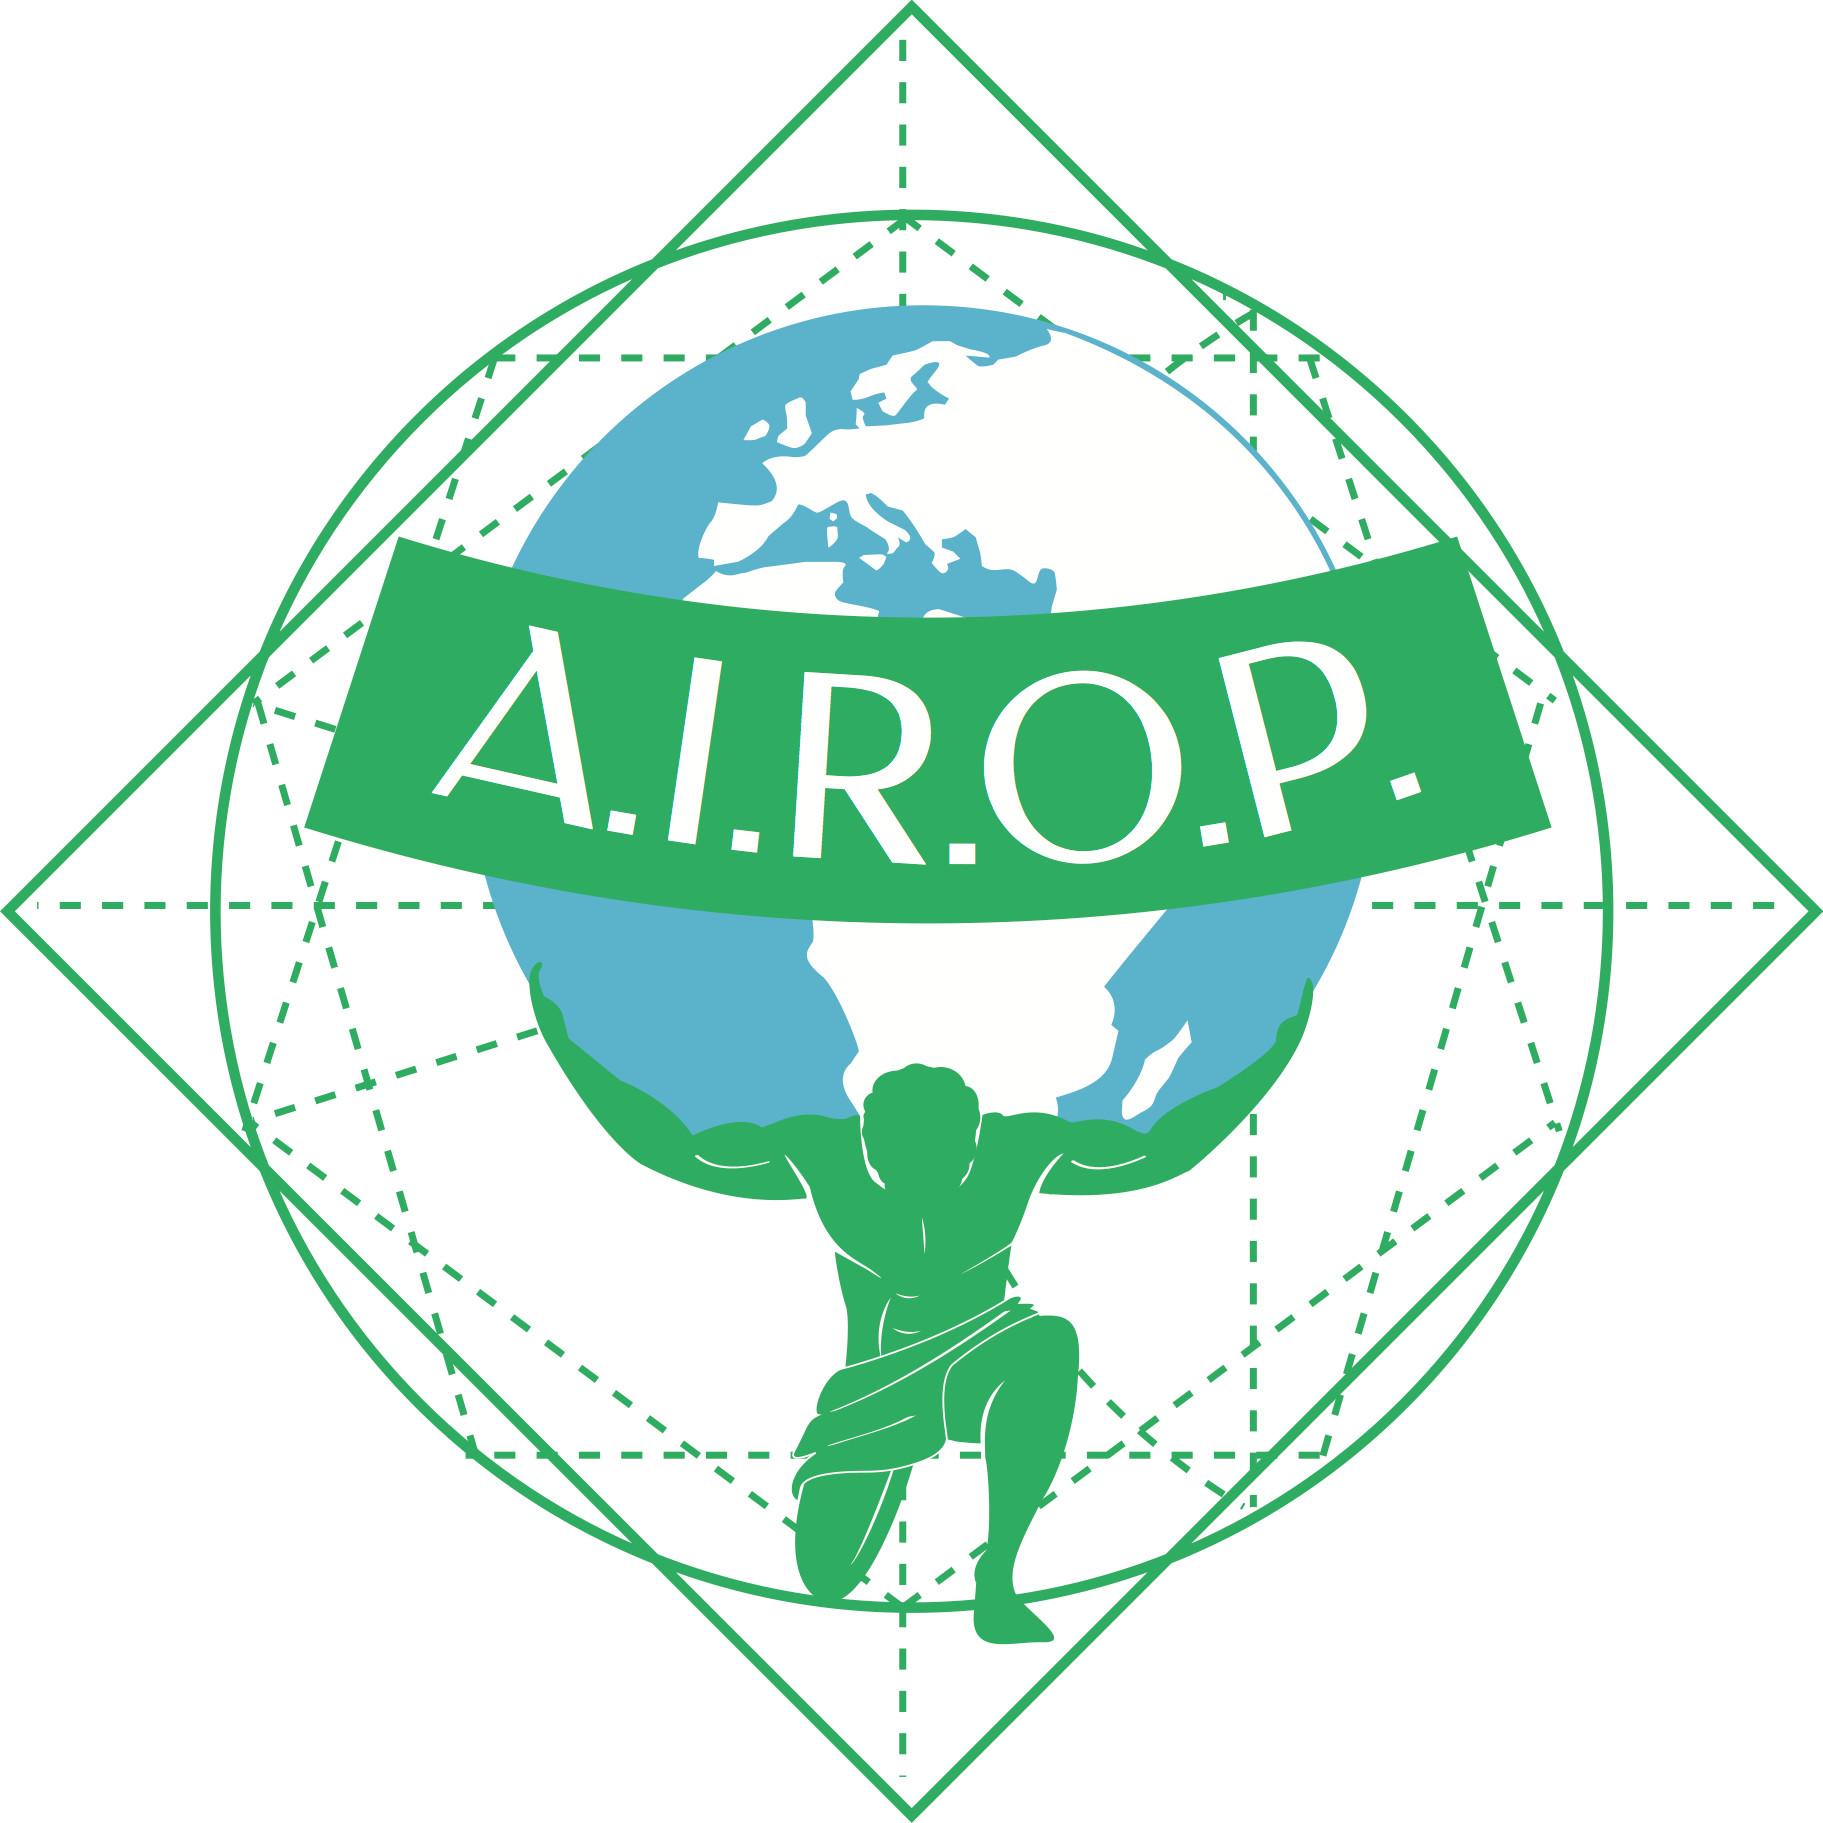 Airop